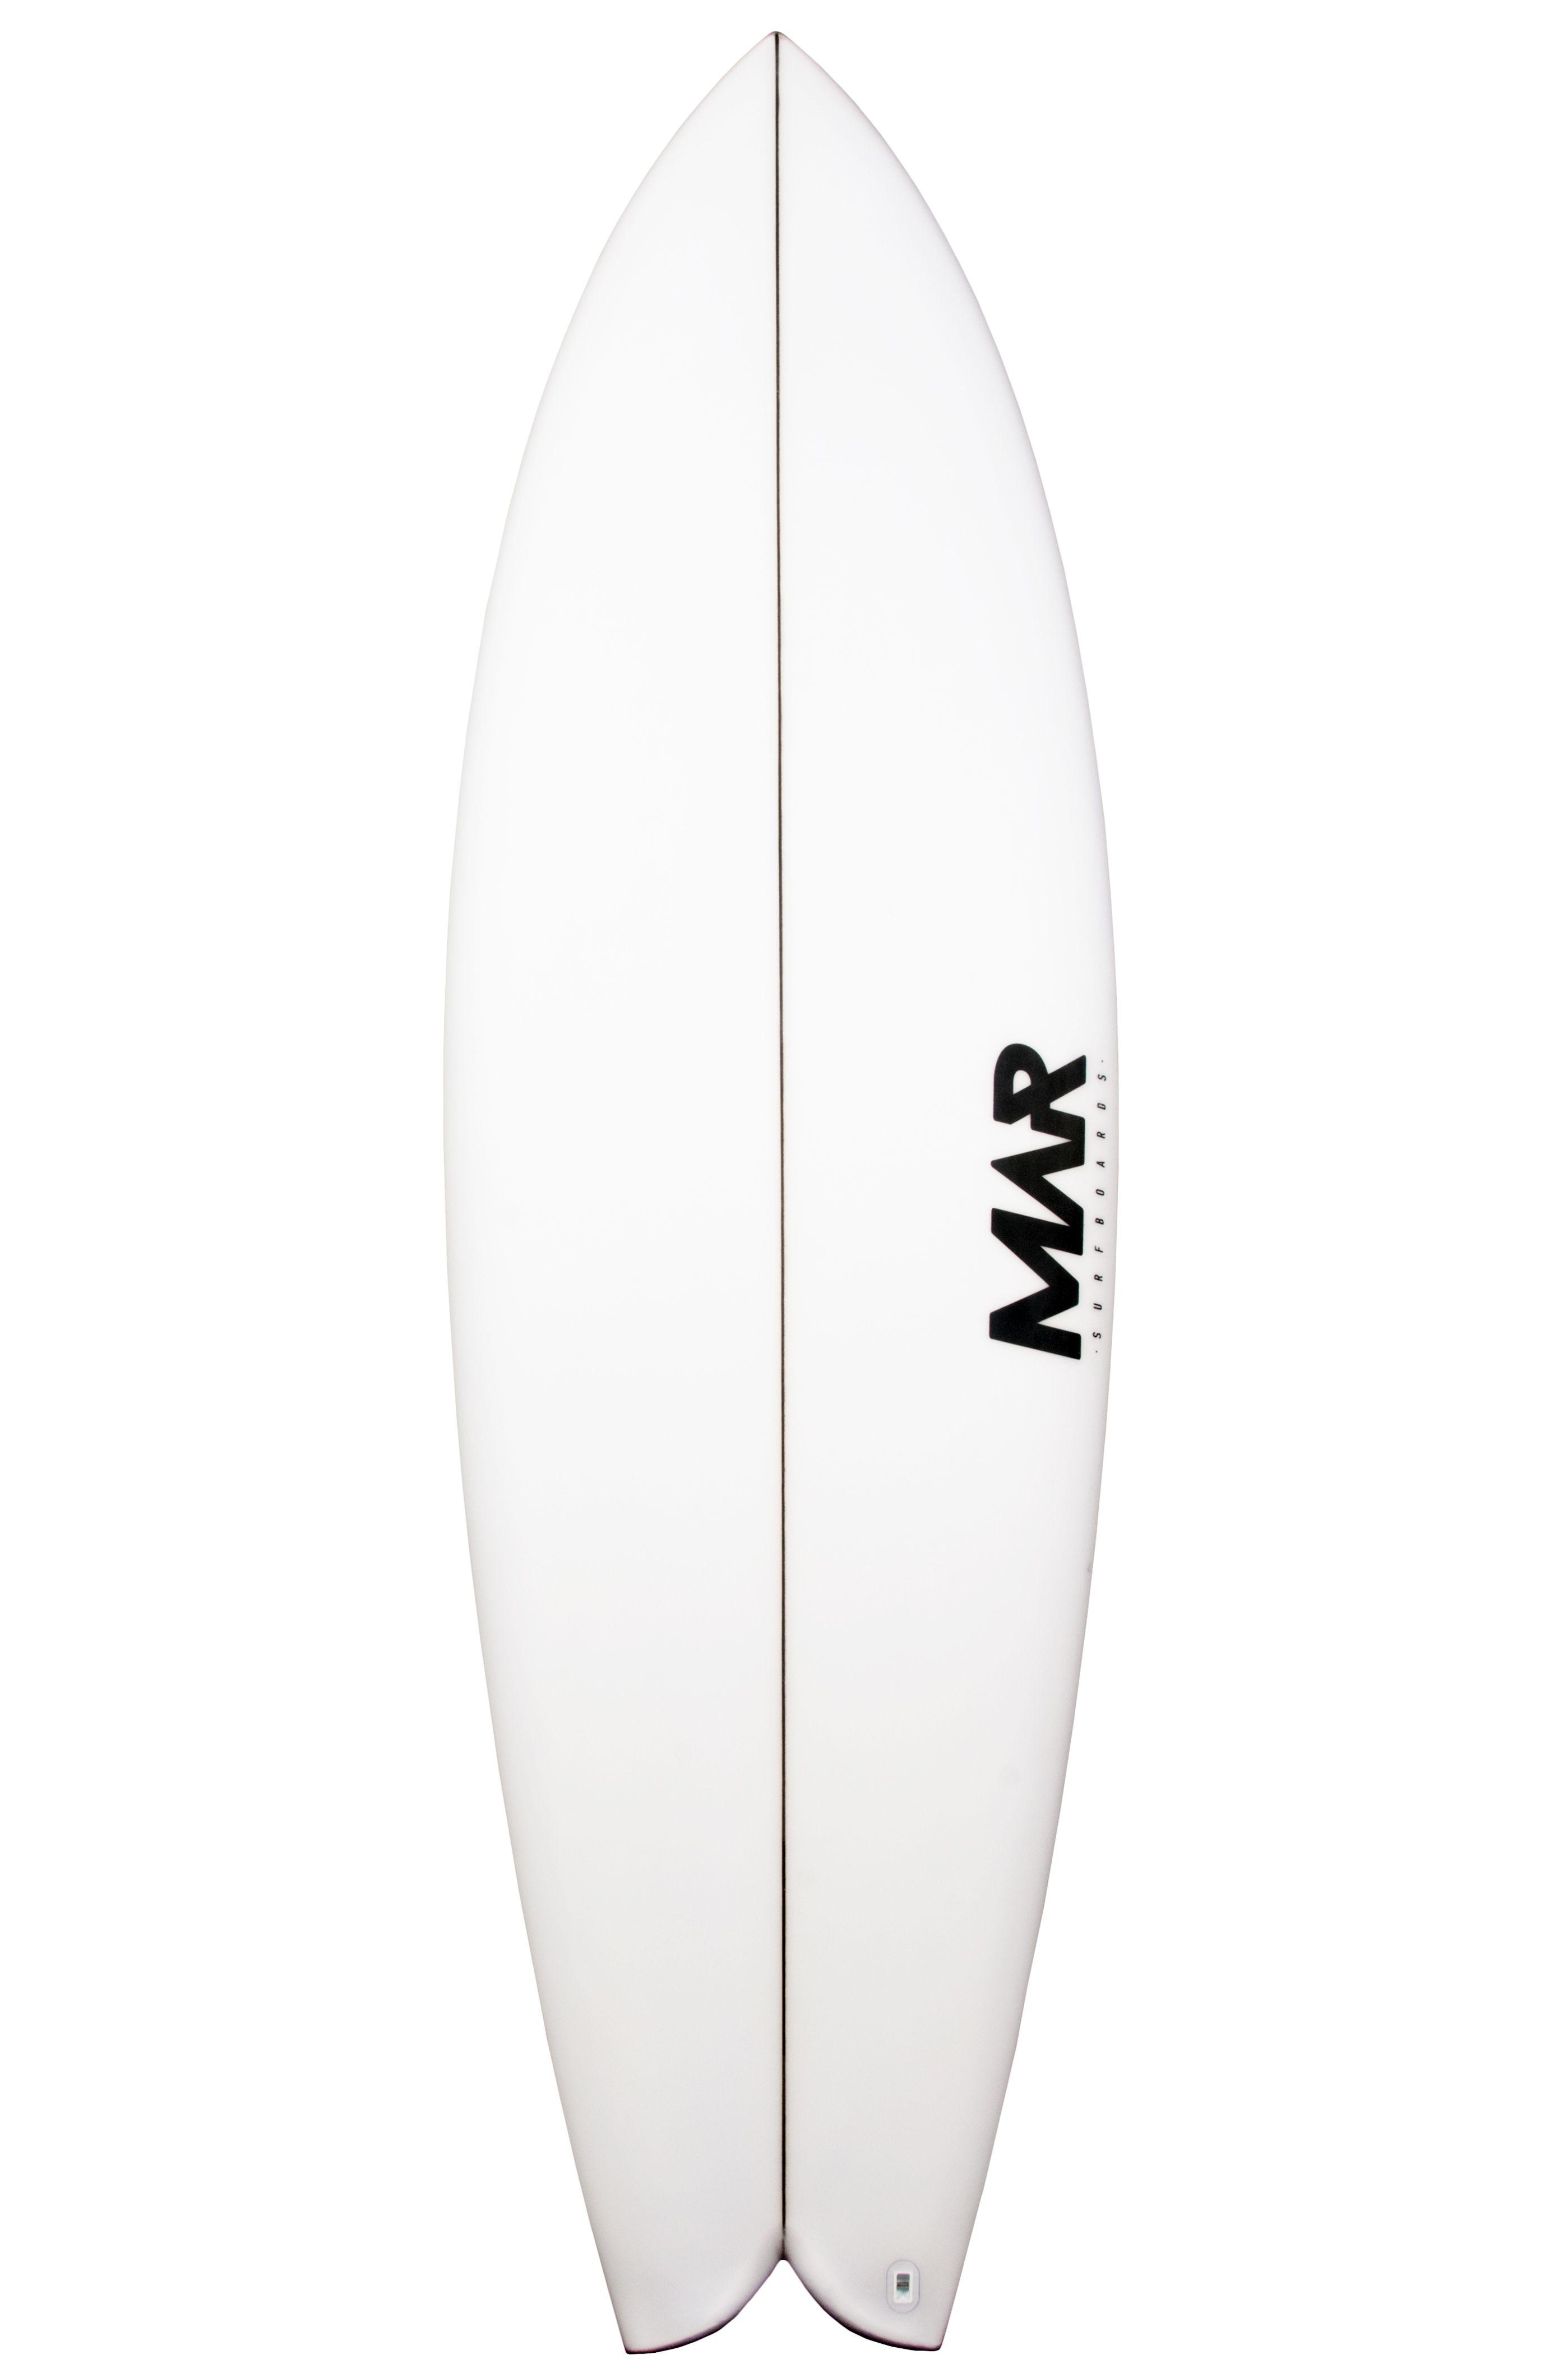 Mar Surf Board 6'2 MAR P2 PU Fish Tail - White FCS II Twin Tab 6ft2